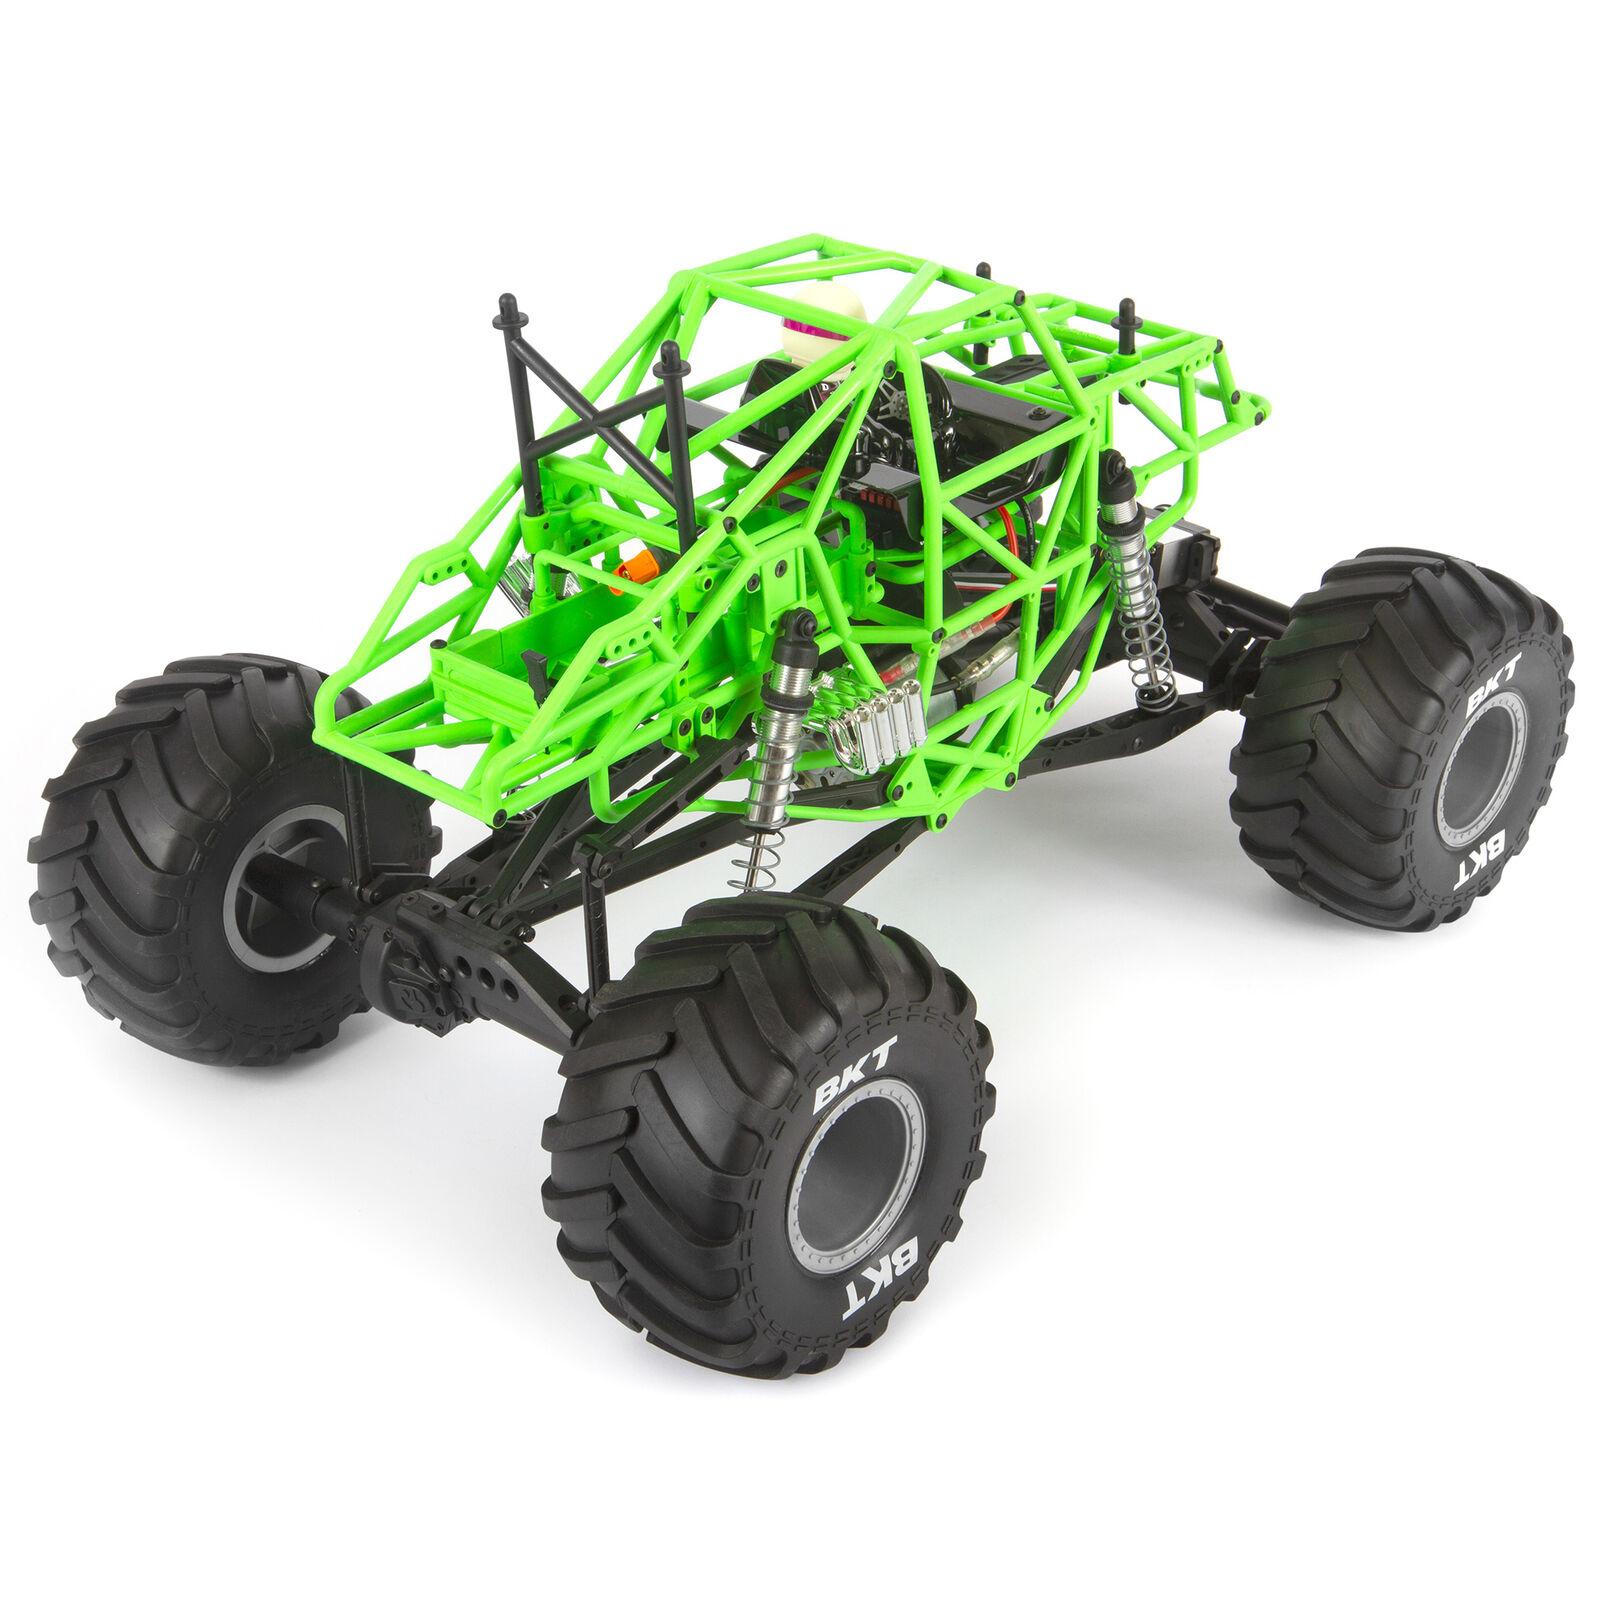 1/10 SMT10 Grave Digger 4WD Monster Truck Brushed RTR